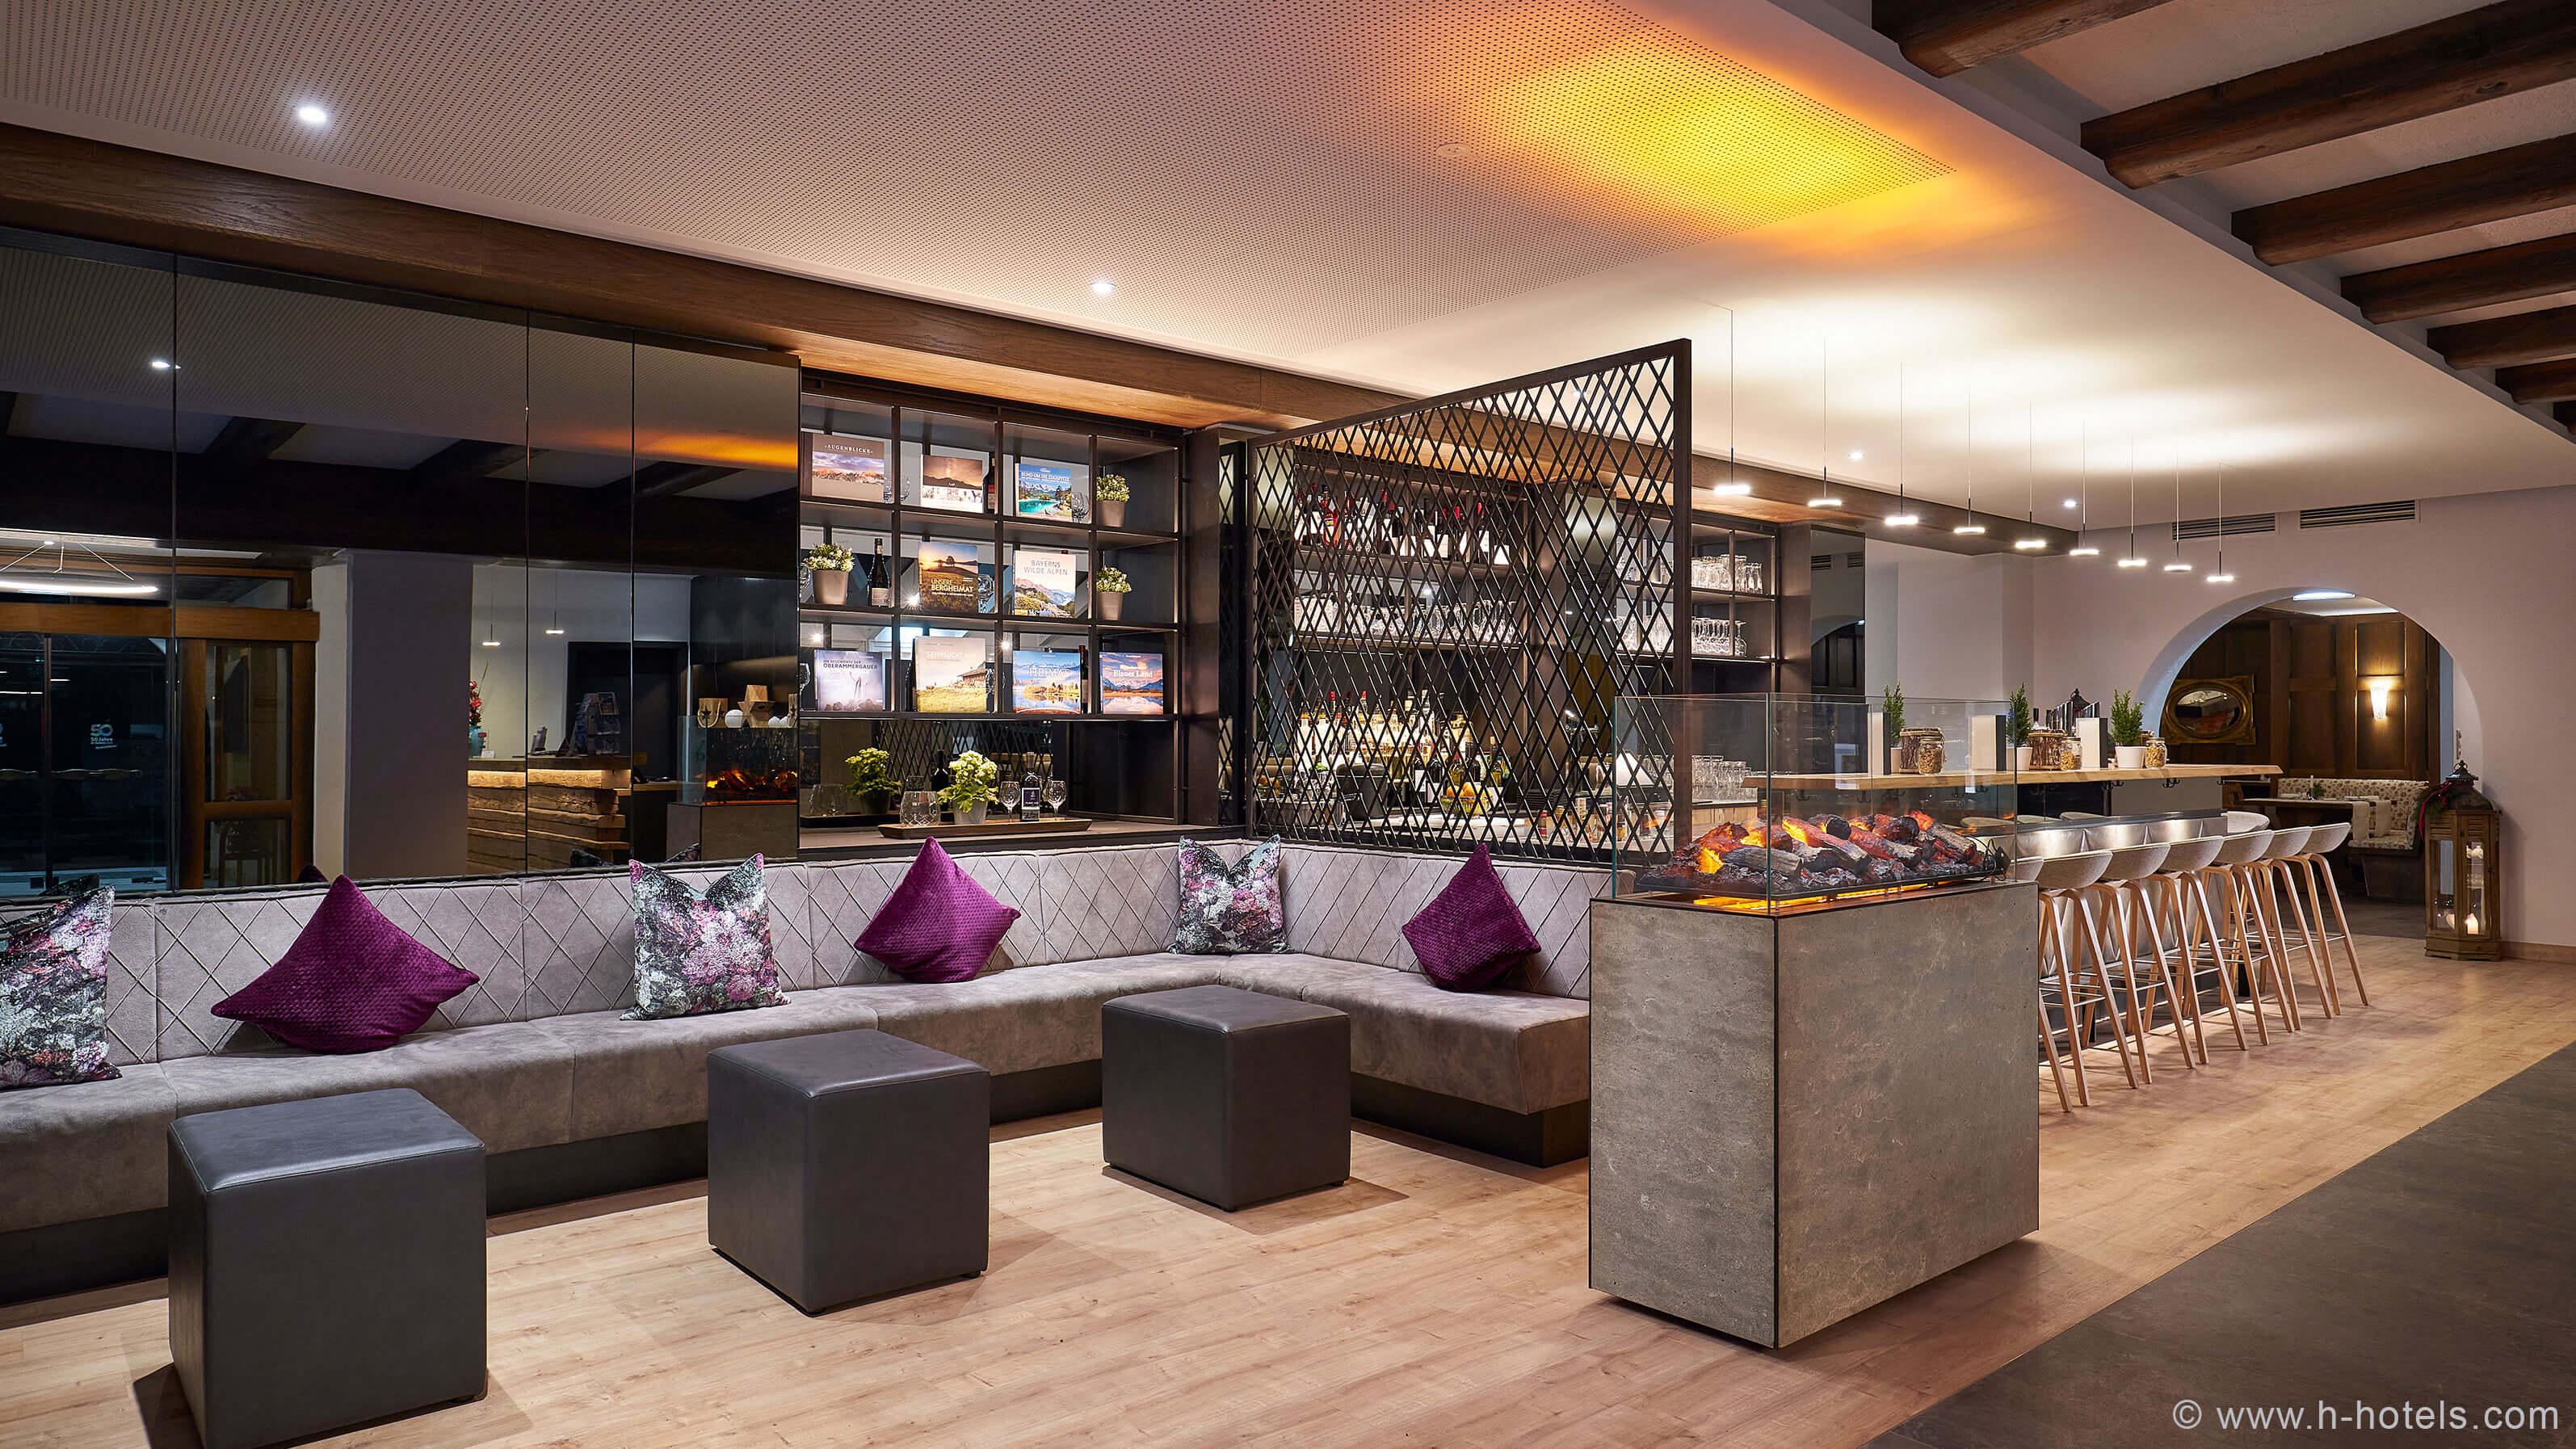 h-hotels_lobby-01-hplus-hotel-garmisch_Original-(kommerz.-Nutzung)-_b53cee81_